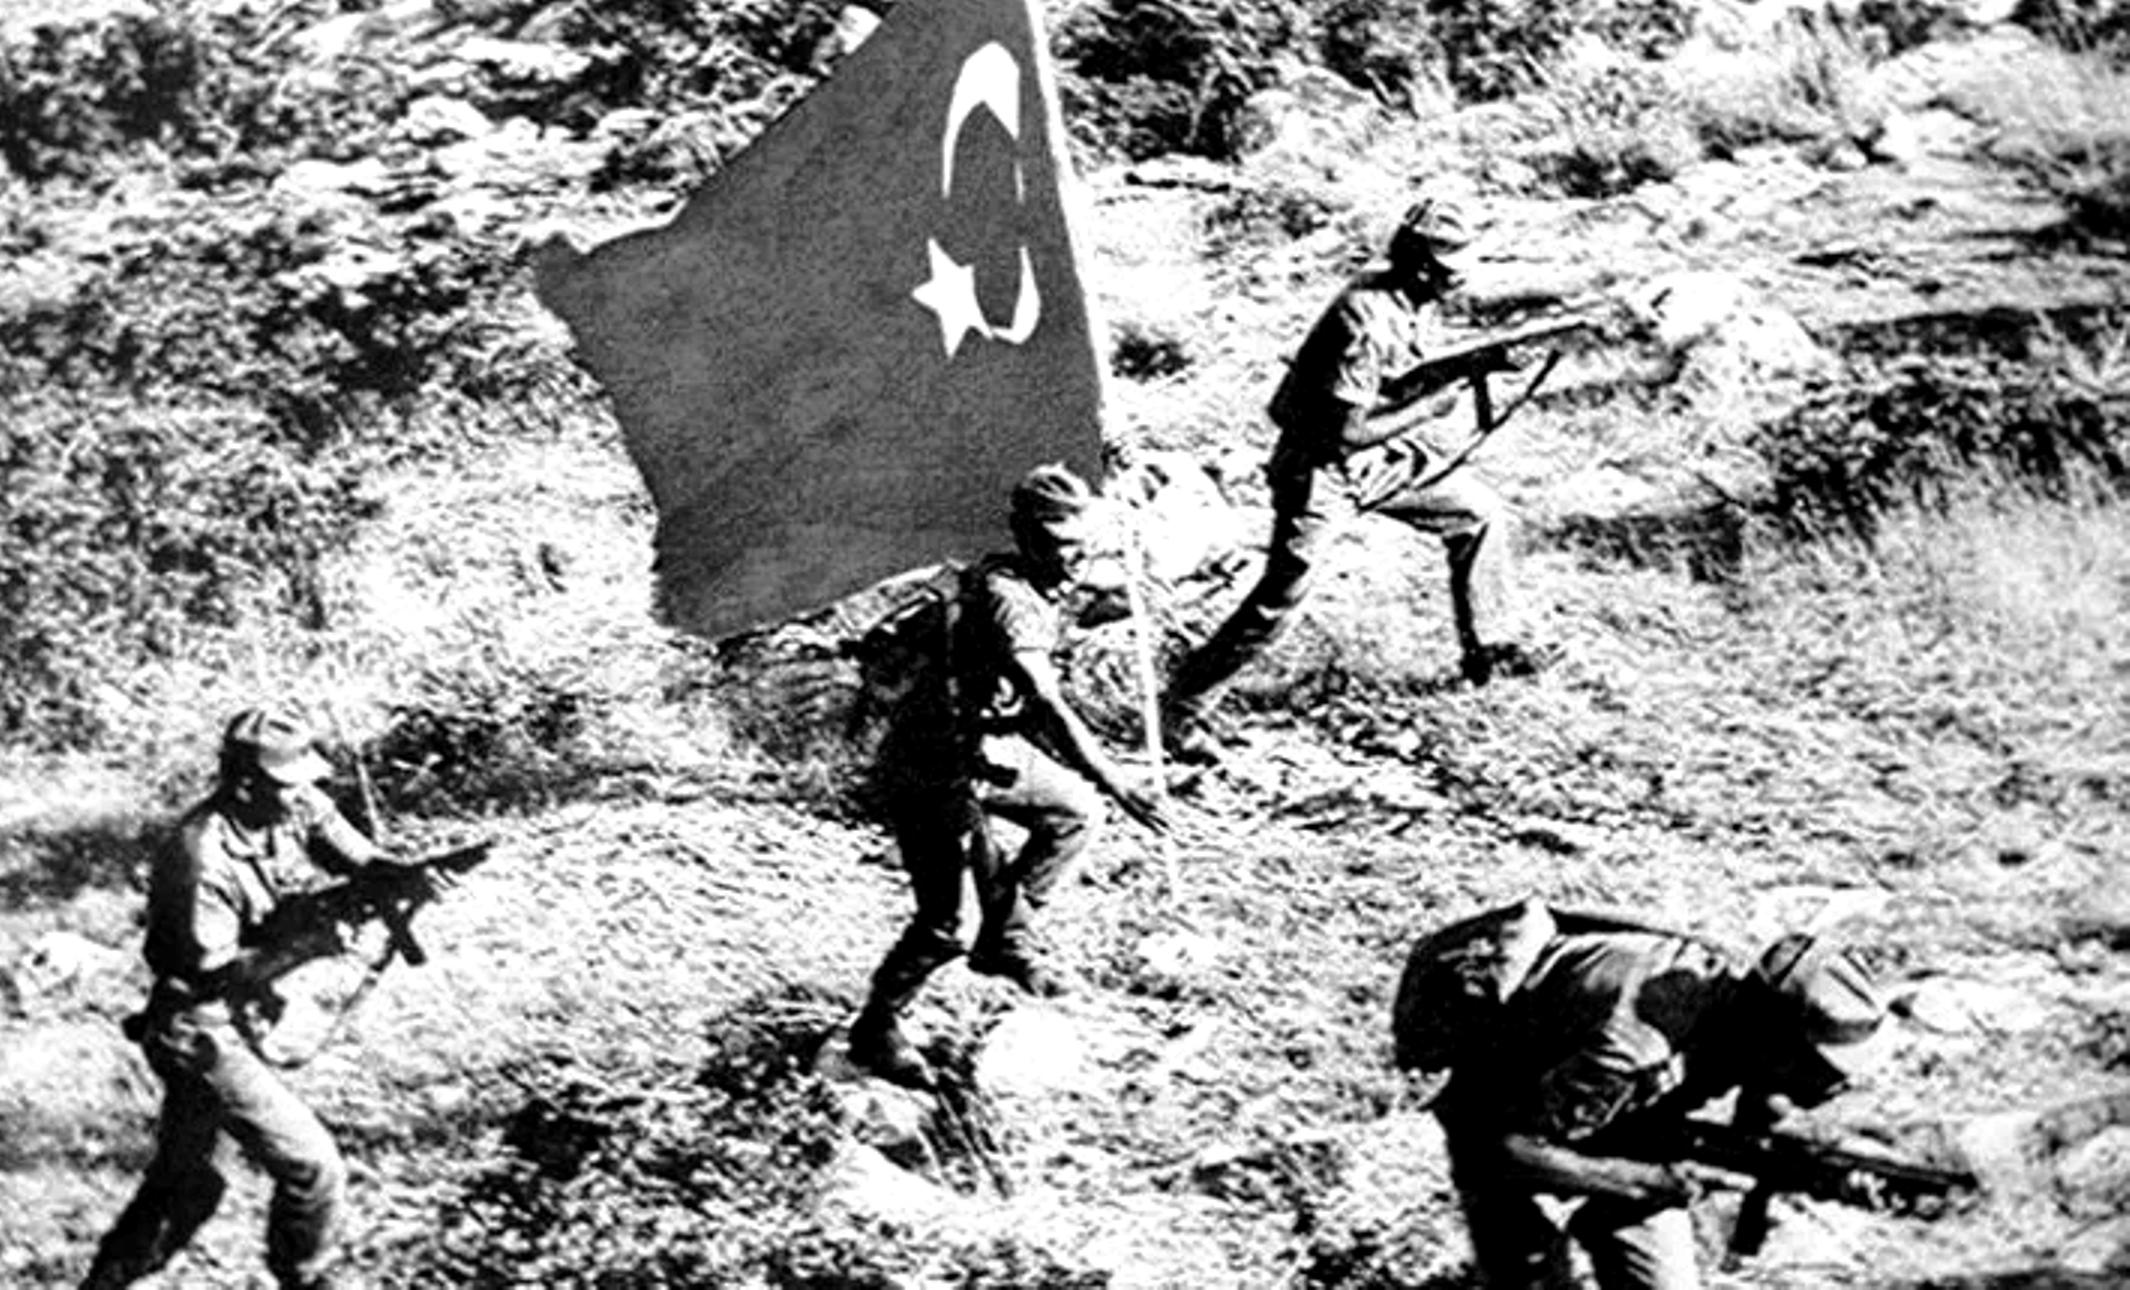 Τα μαθήματα του 1974 (και ο κίνδυνος του πολέμου)